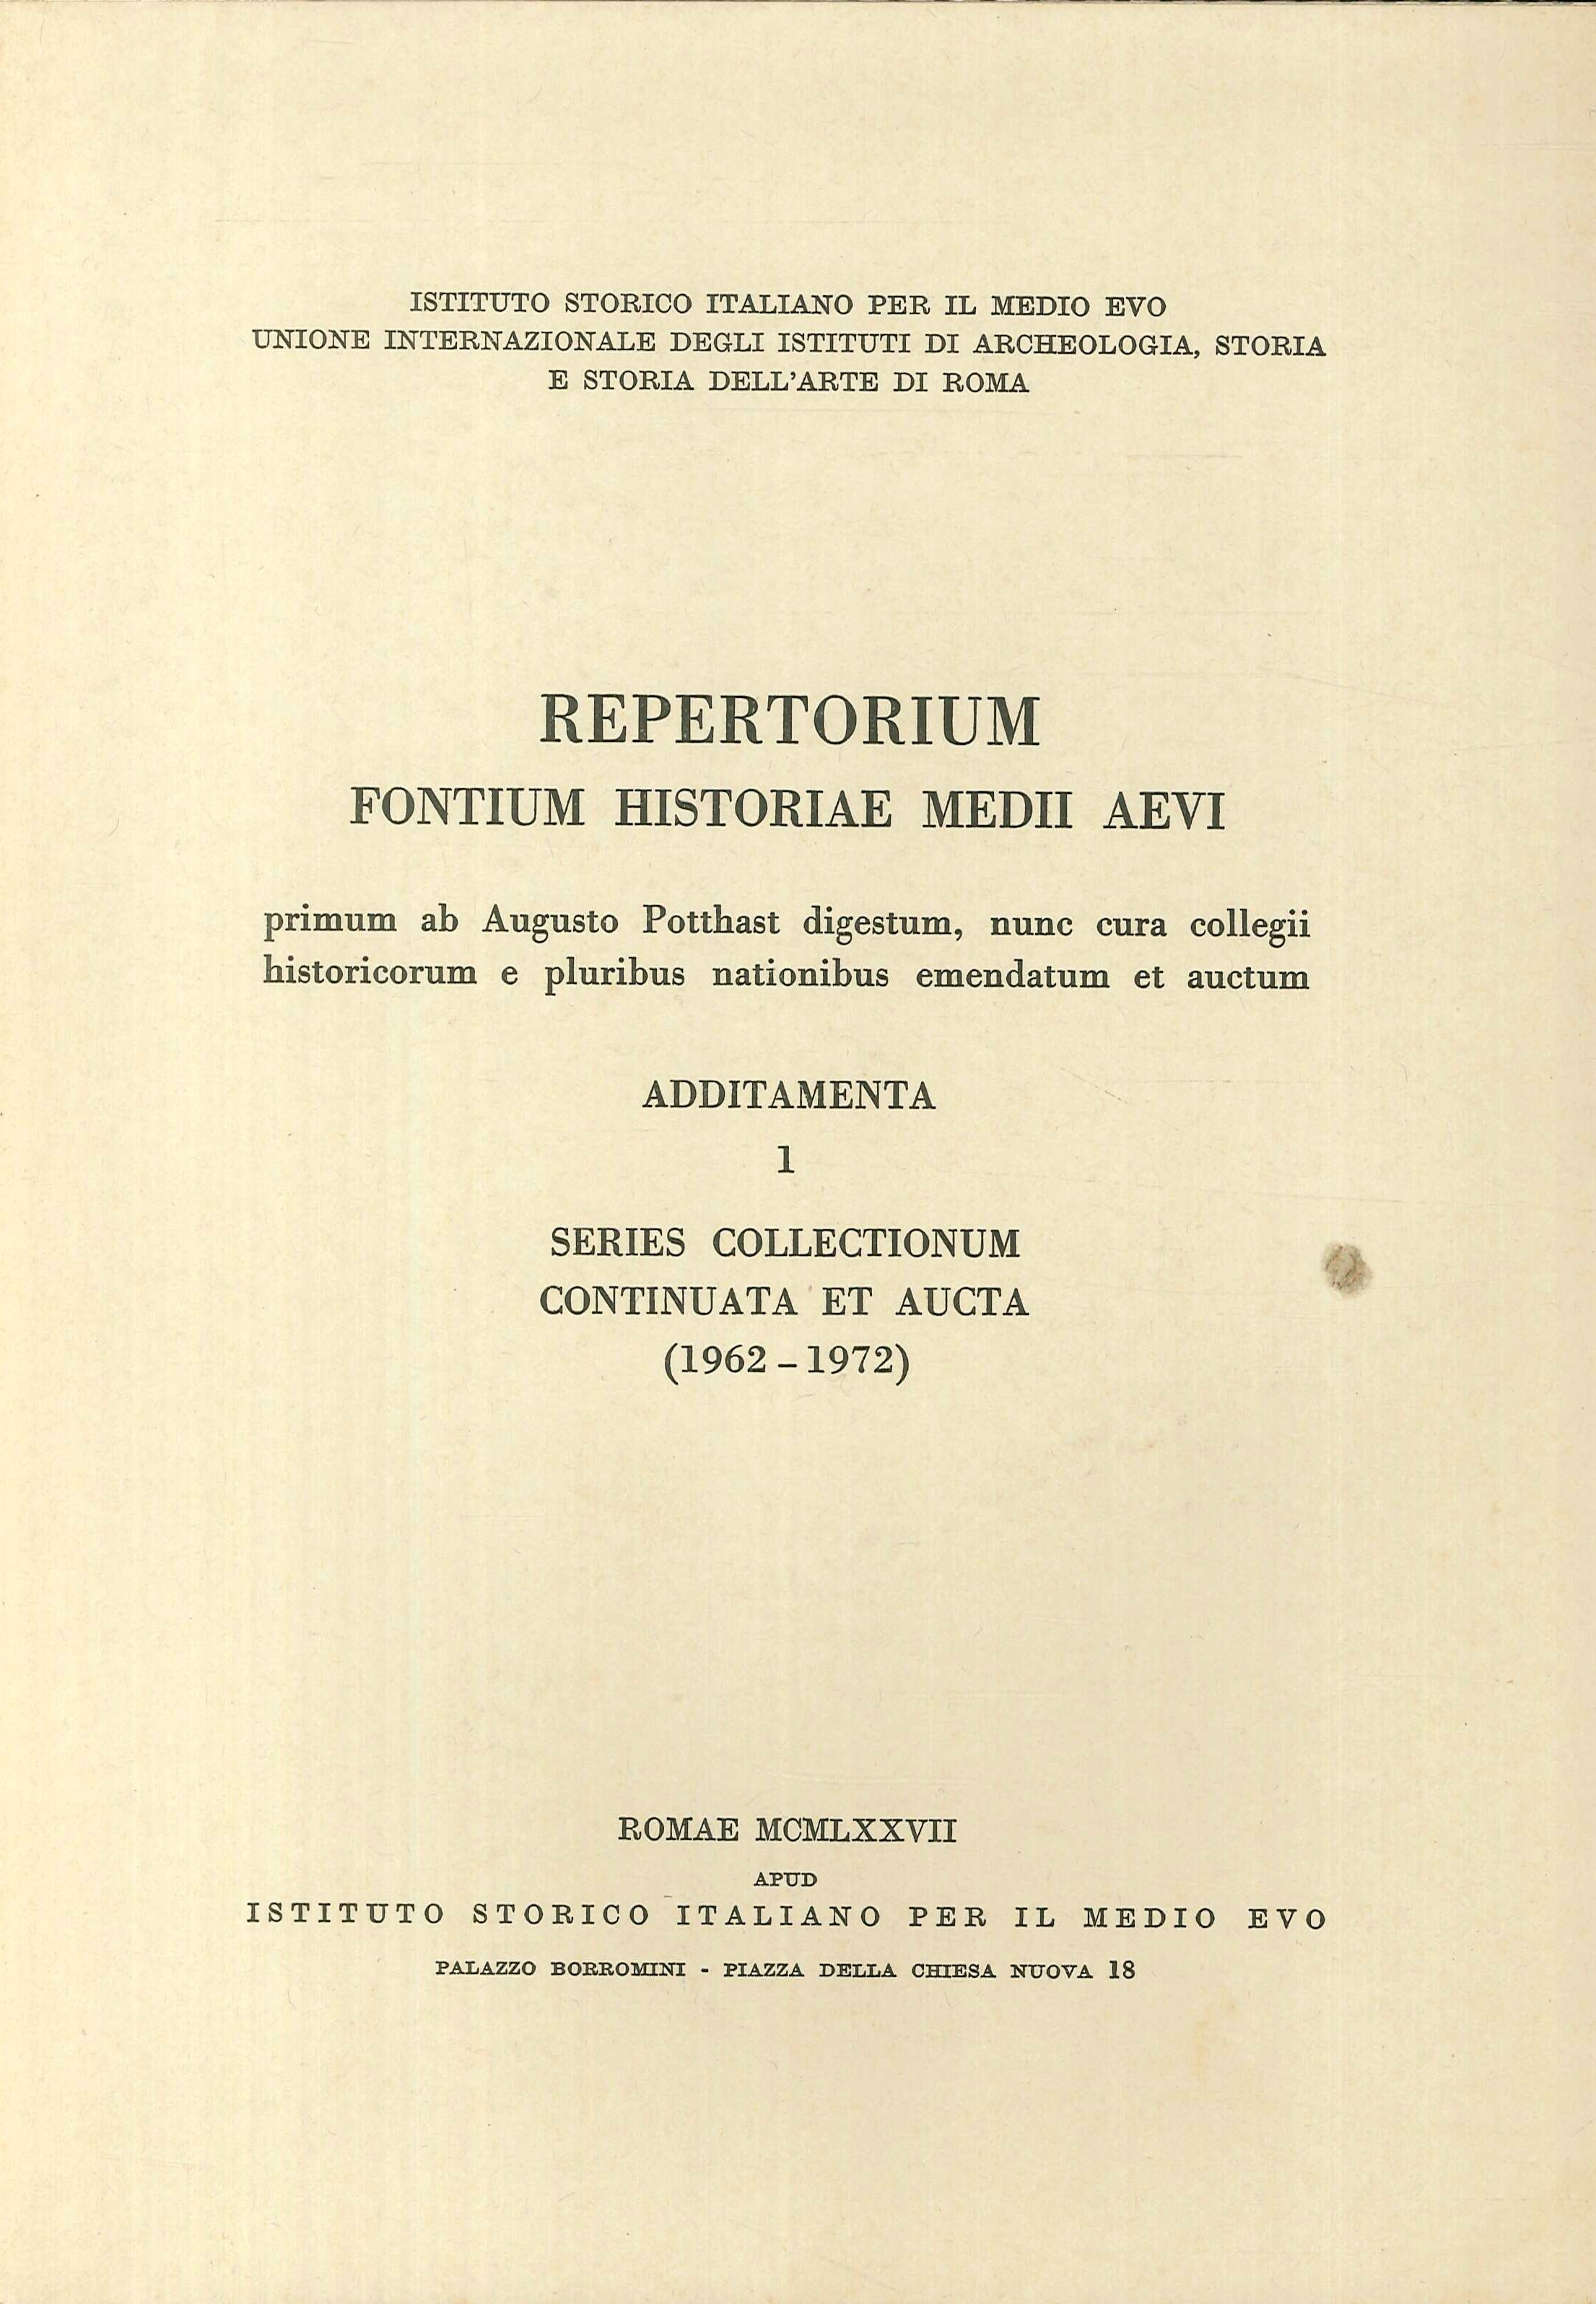 Repertorium fontium historiae Medii Aevi. Additamenta. 1 Series Collectionum continuata et aucta. (1962 - 1972)